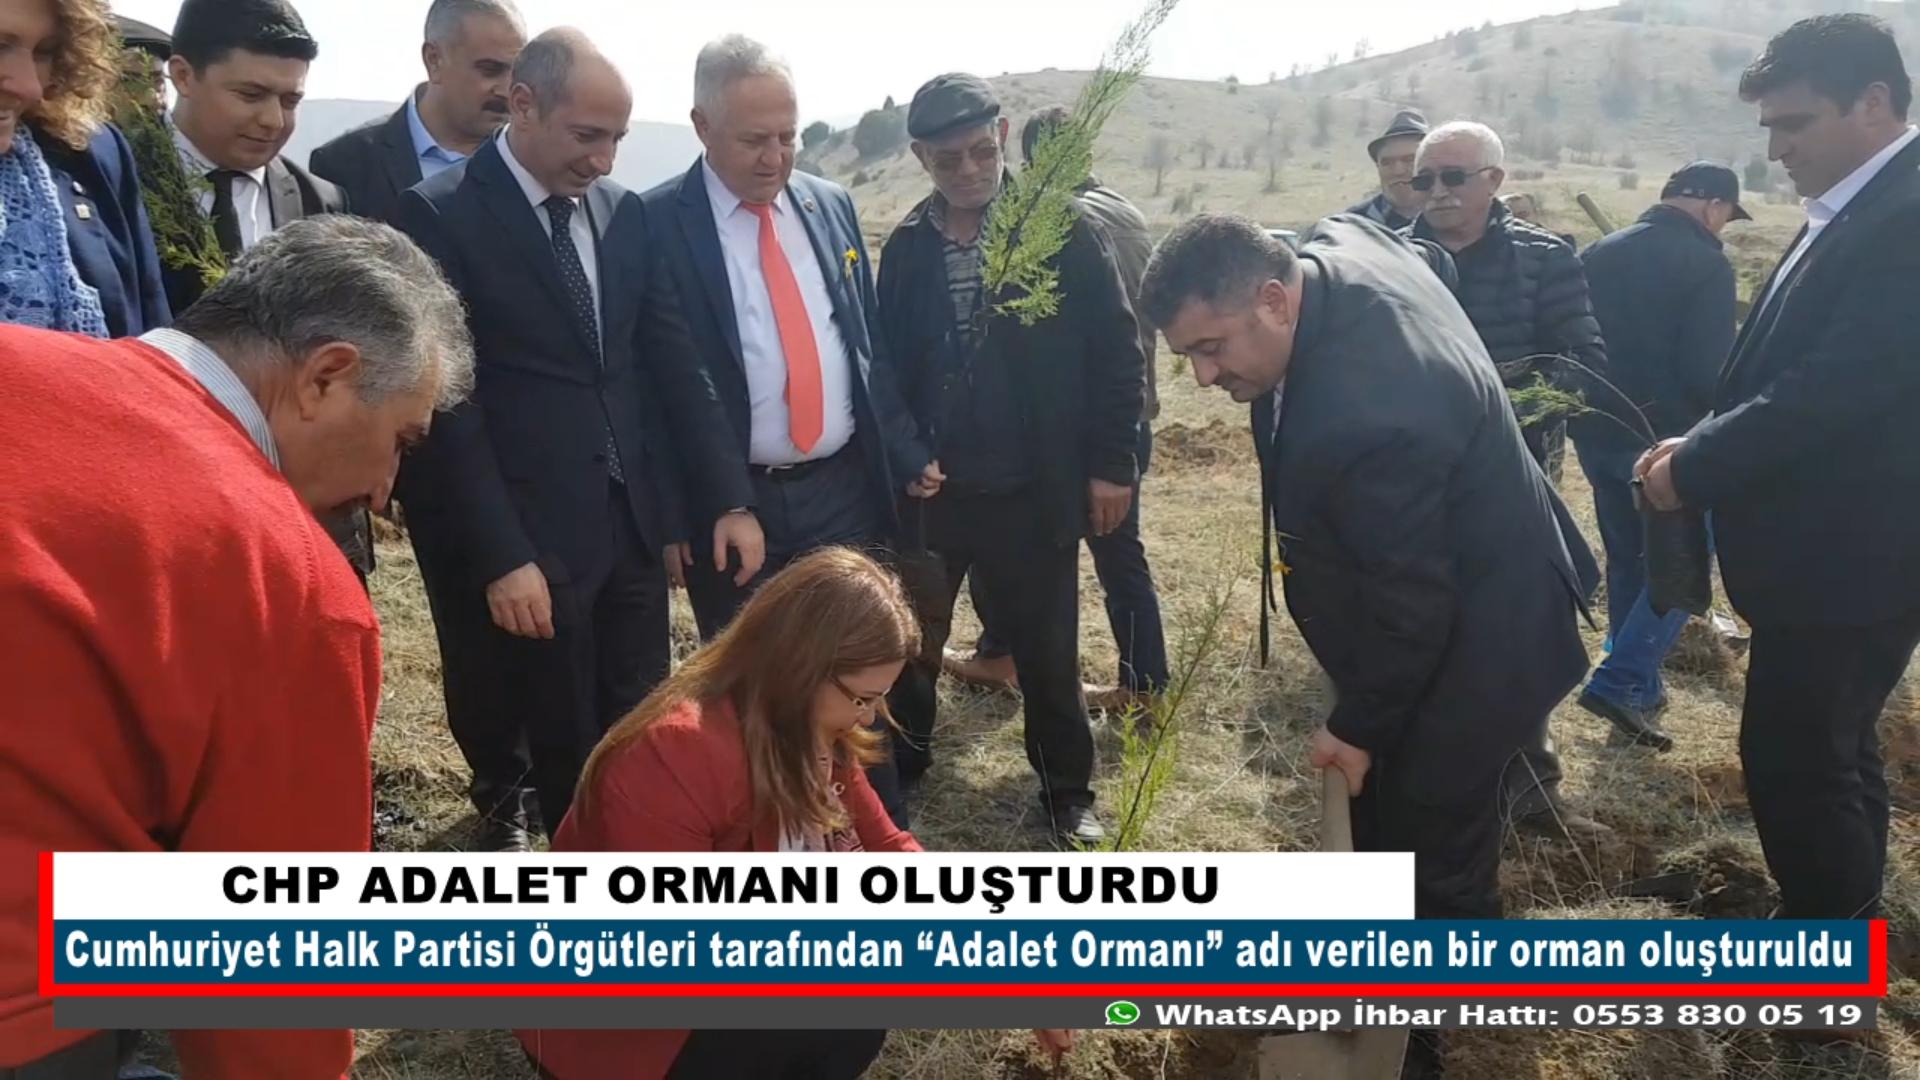 CHP ADALET ORMANI OLUŞTURDU